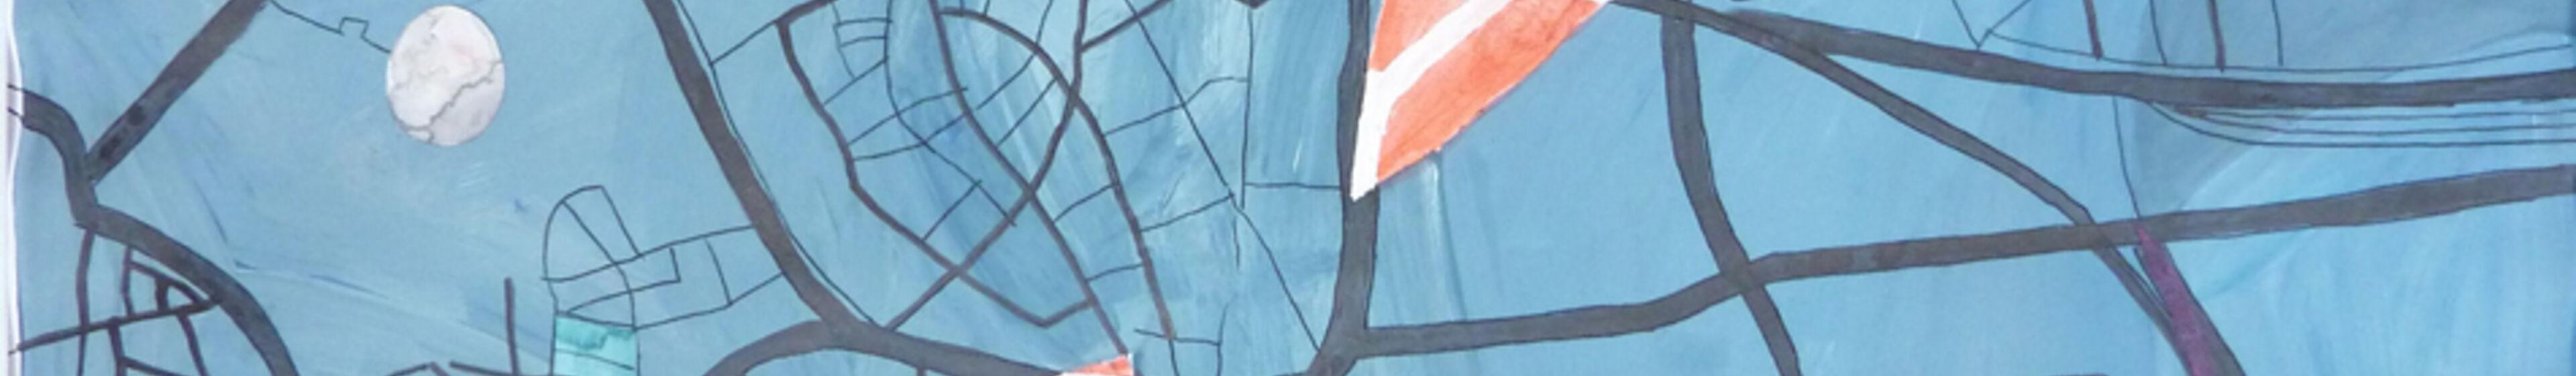 Kopf-Material-Kawalla - Entwurf-Friedenskirche 950-170Kopie